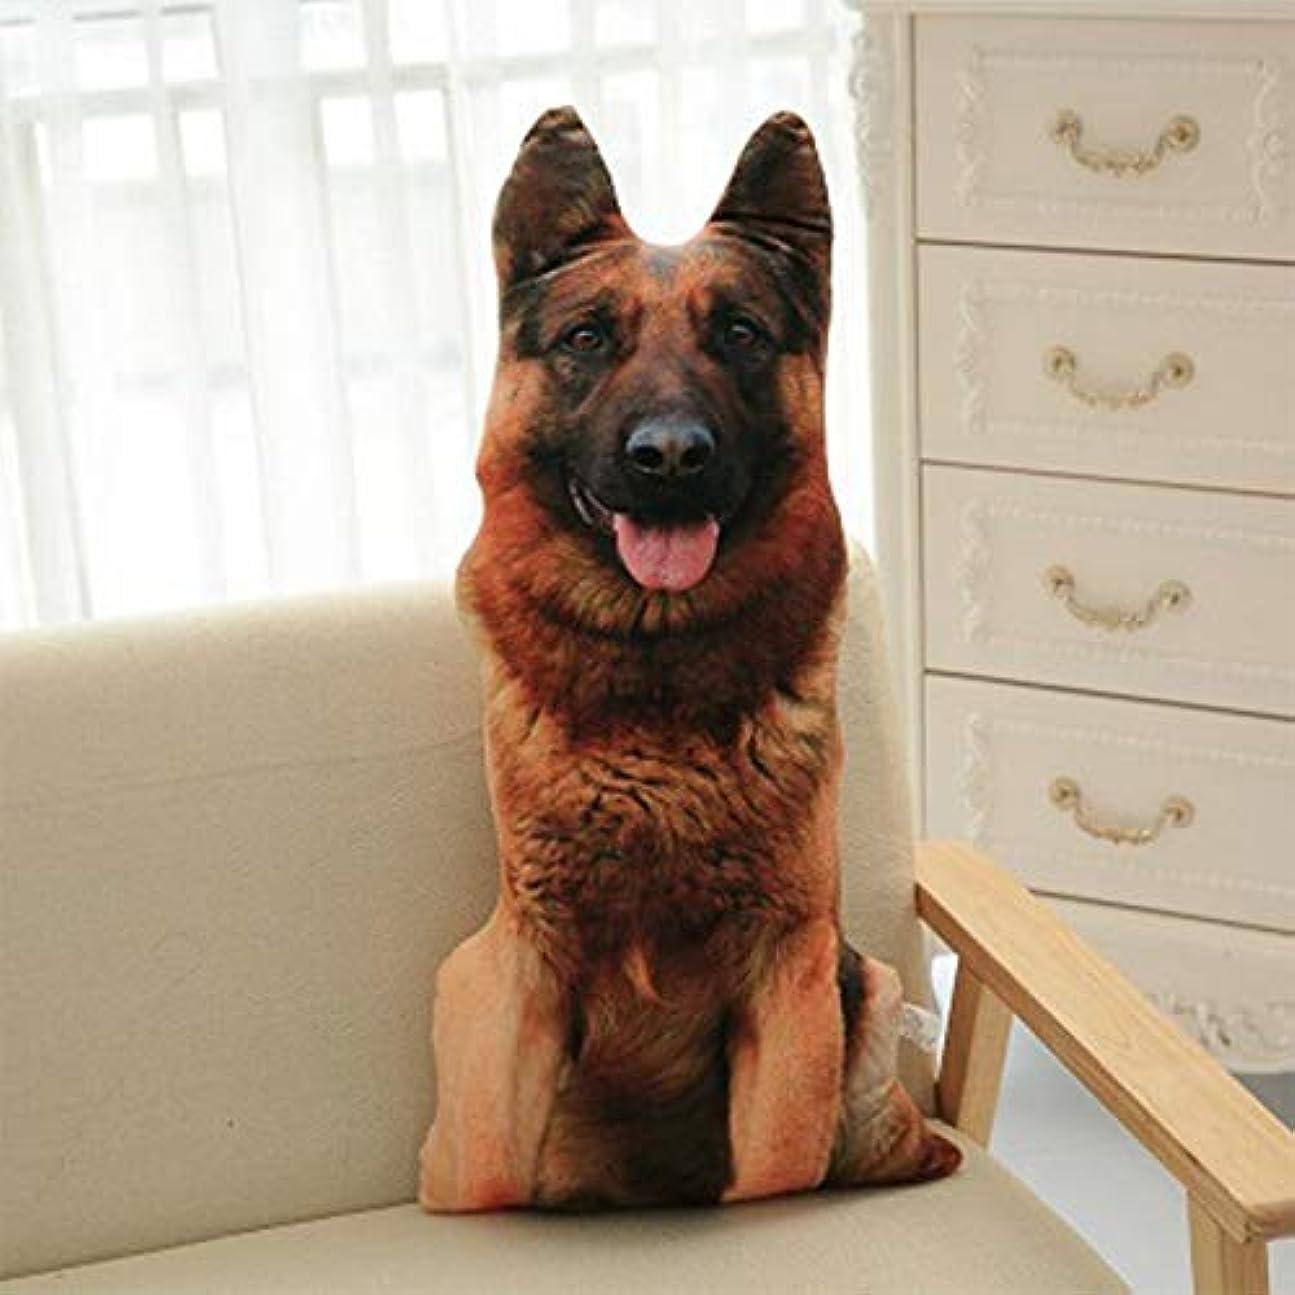 グラディス合法やりすぎLIFE 3D プリントシミュレーション犬ぬいぐるみクッションぬいぐるみ犬ぬいぐるみ枕ぬいぐるみの漫画クッションキッズ人形ベストギフト クッション 椅子